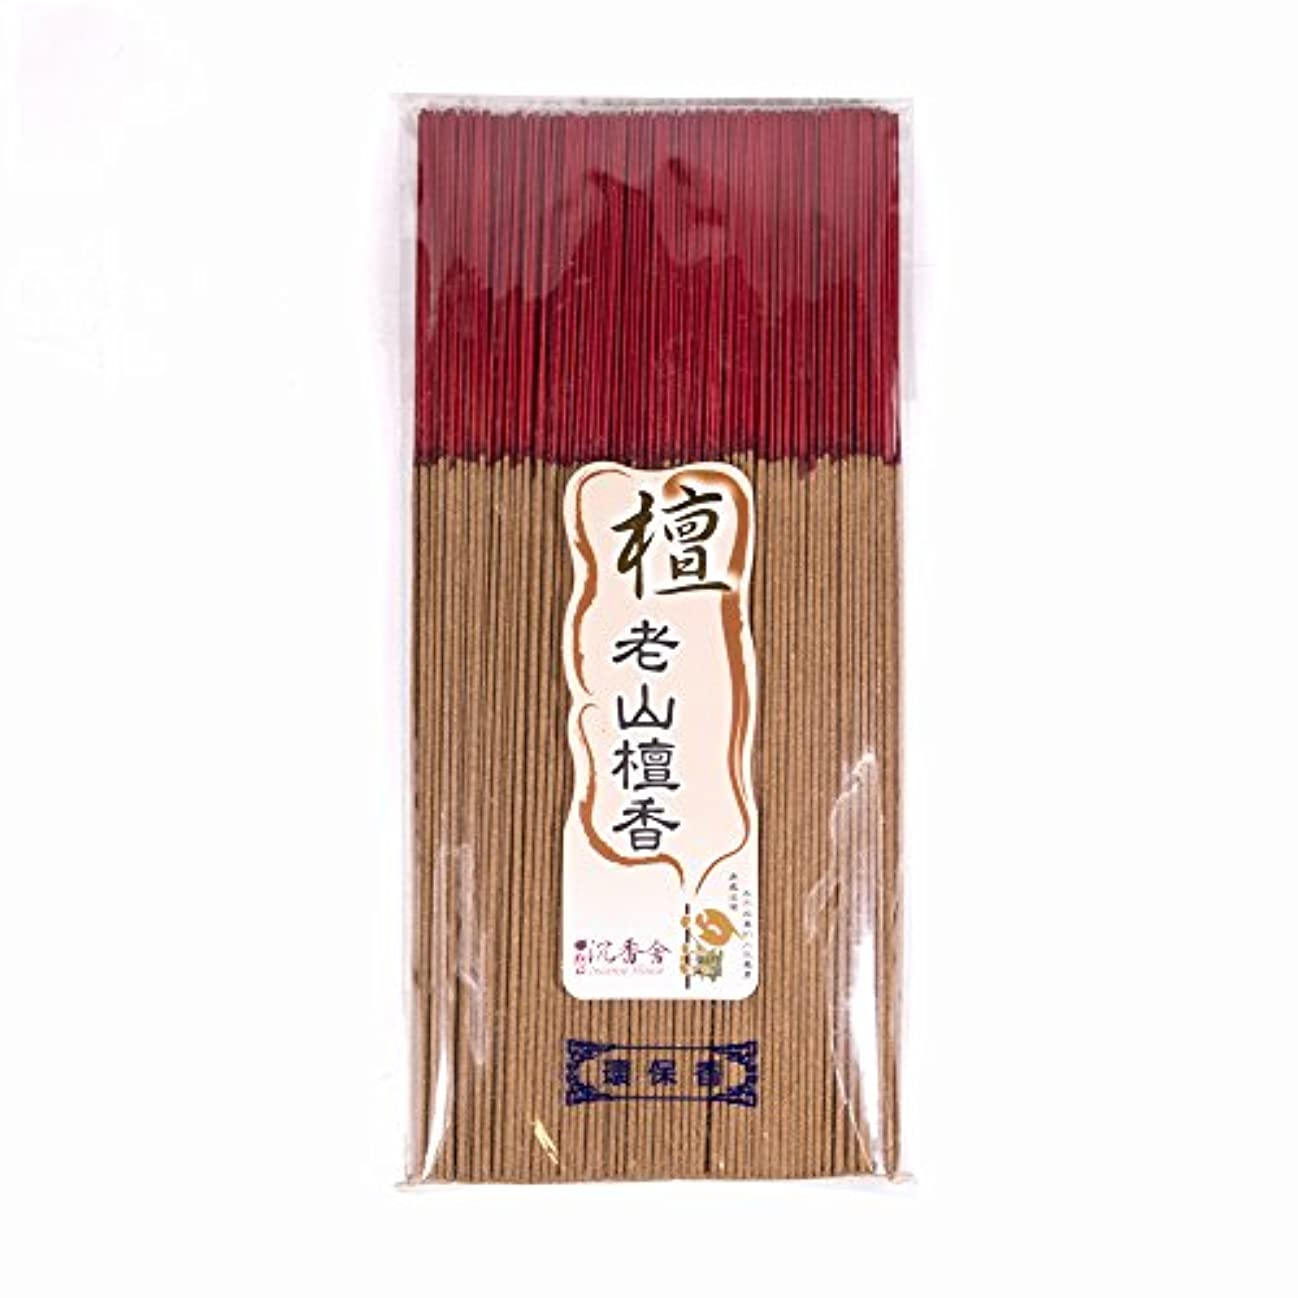 作動するヒロイン対抗台湾沉香舍 老山檀香 台湾のお香家 - 檀香 30cm (木支香) 300g 約400本